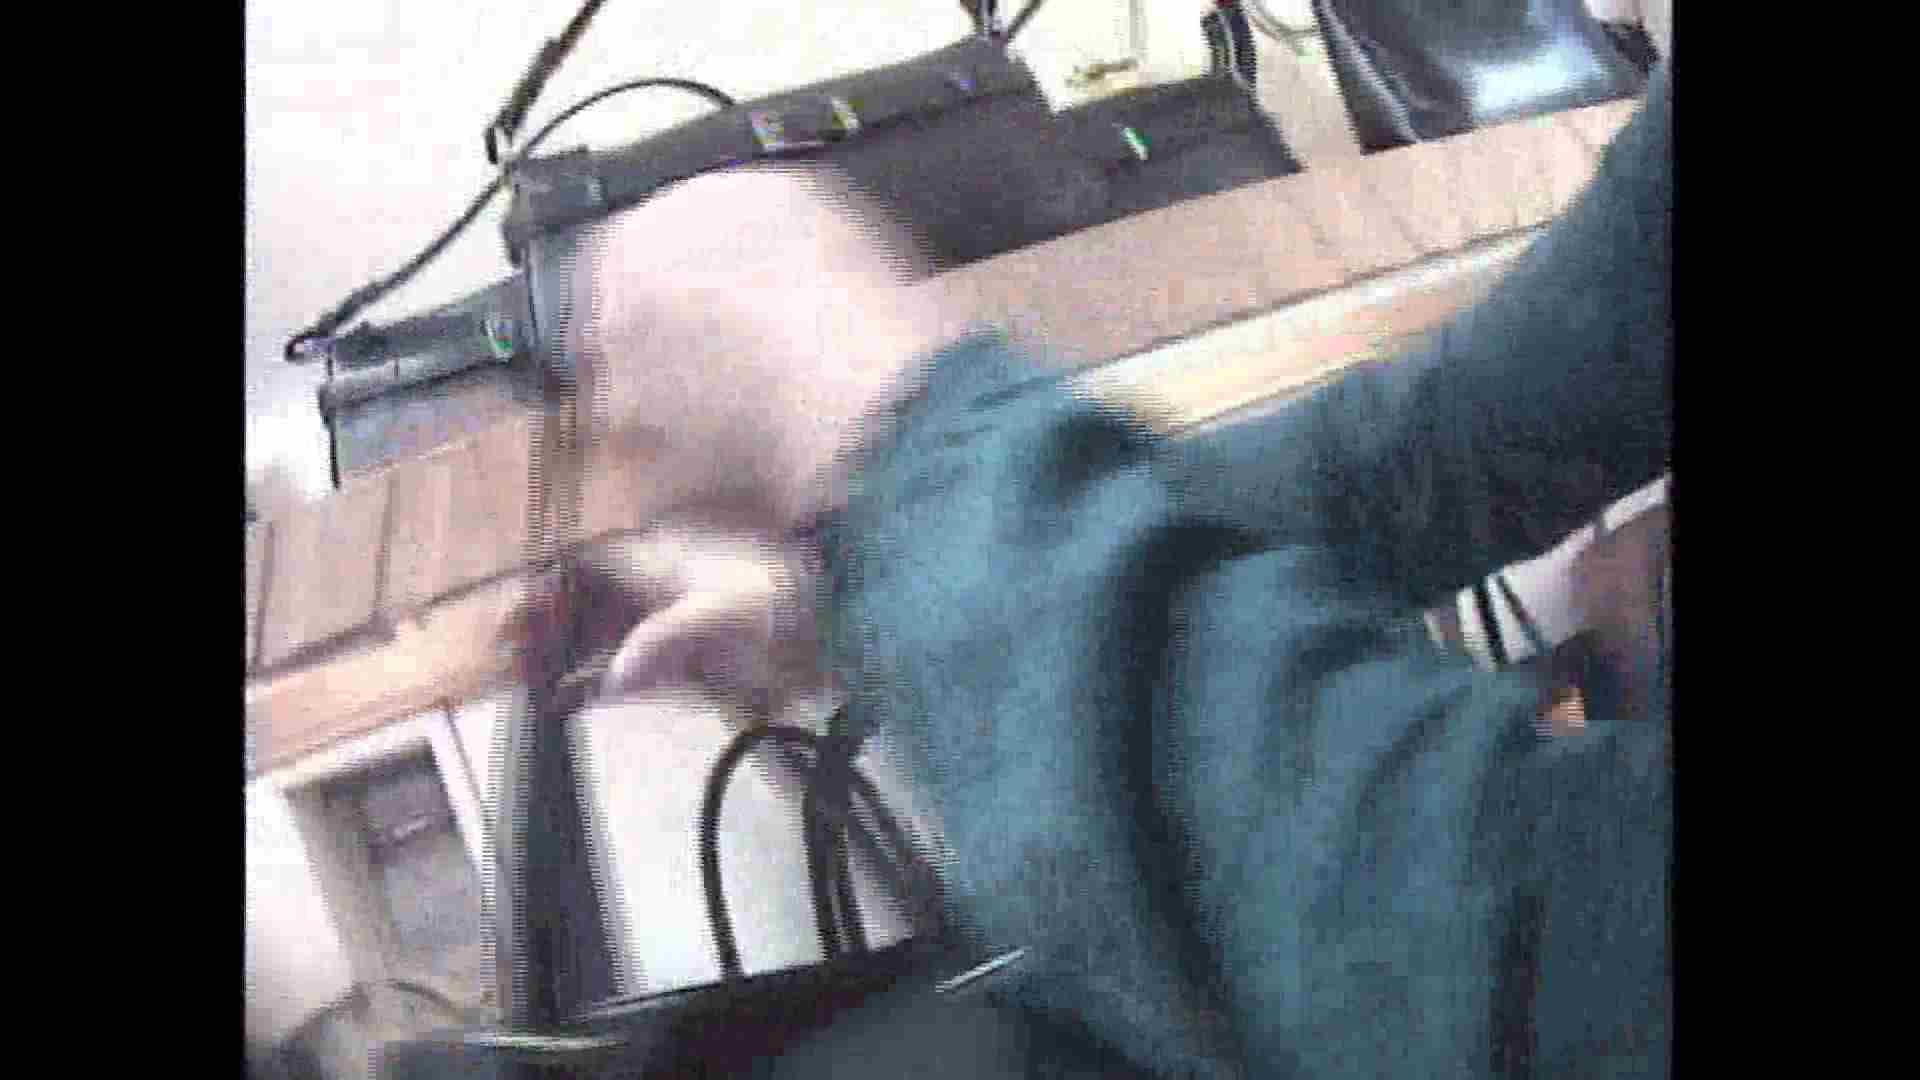 働く美女の谷間参拝 Vol.26 OLすけべ画像 ワレメ無修正動画無料 35連発 17